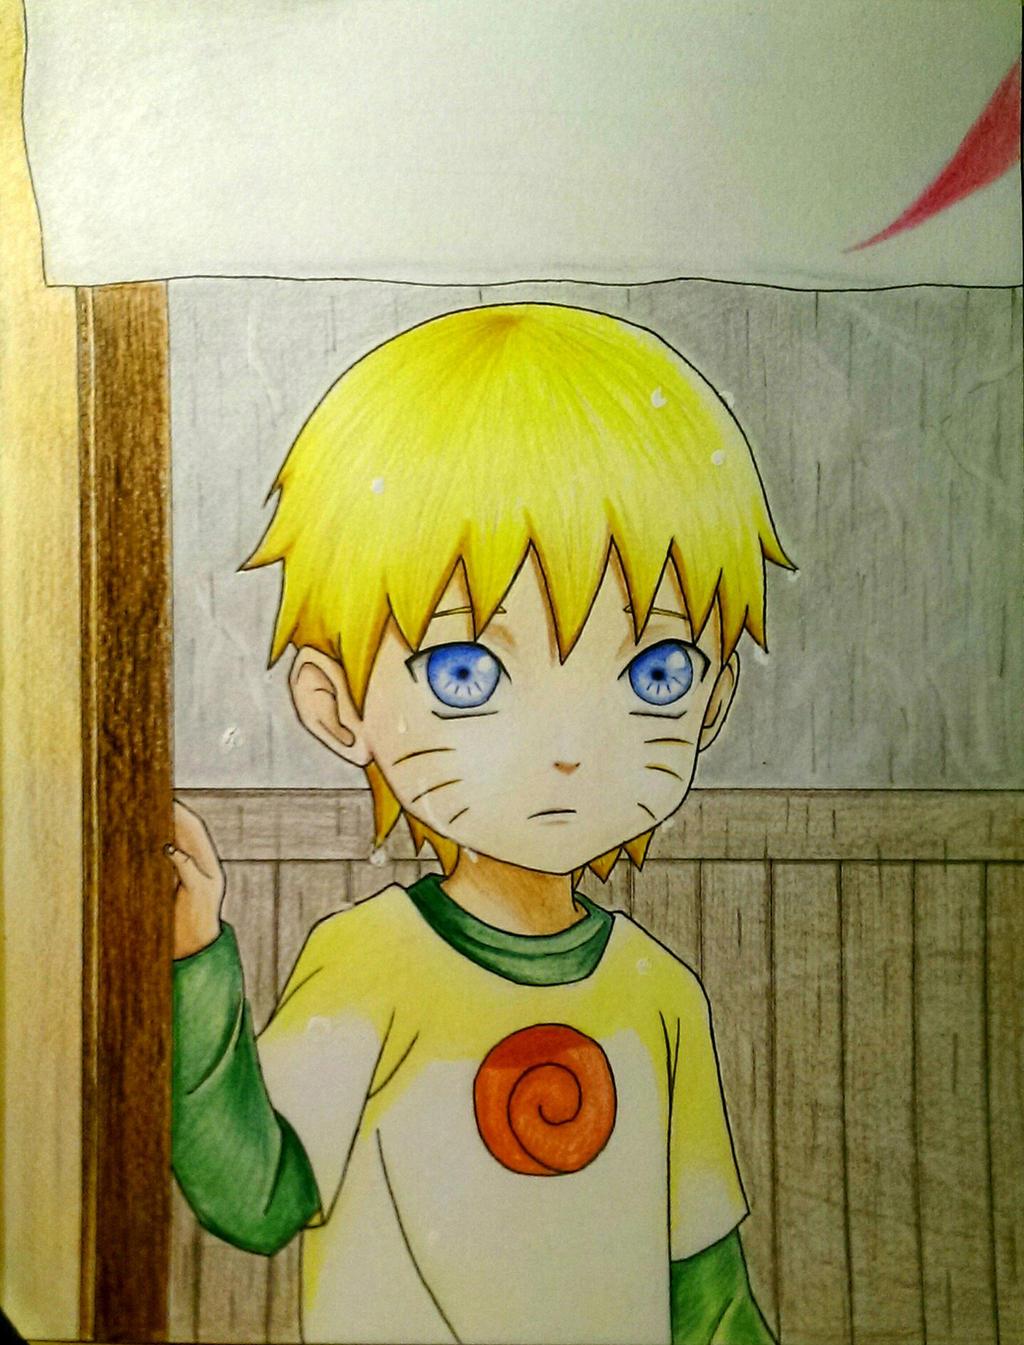 Naruto shippuden ending 6 - 3 4